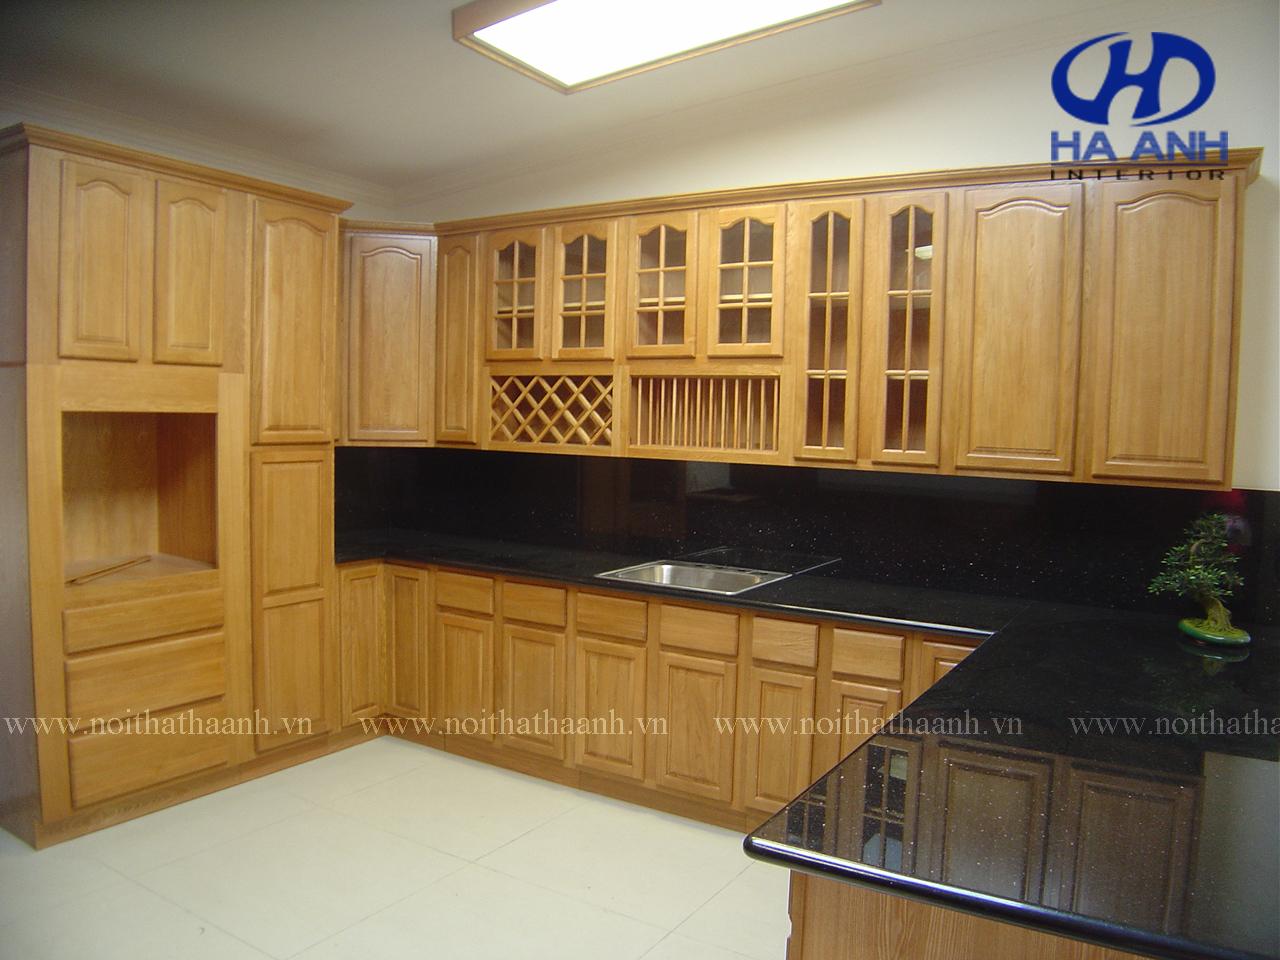 Tủ bếp gỗ tự nhiên âm hưởng của truyền thống